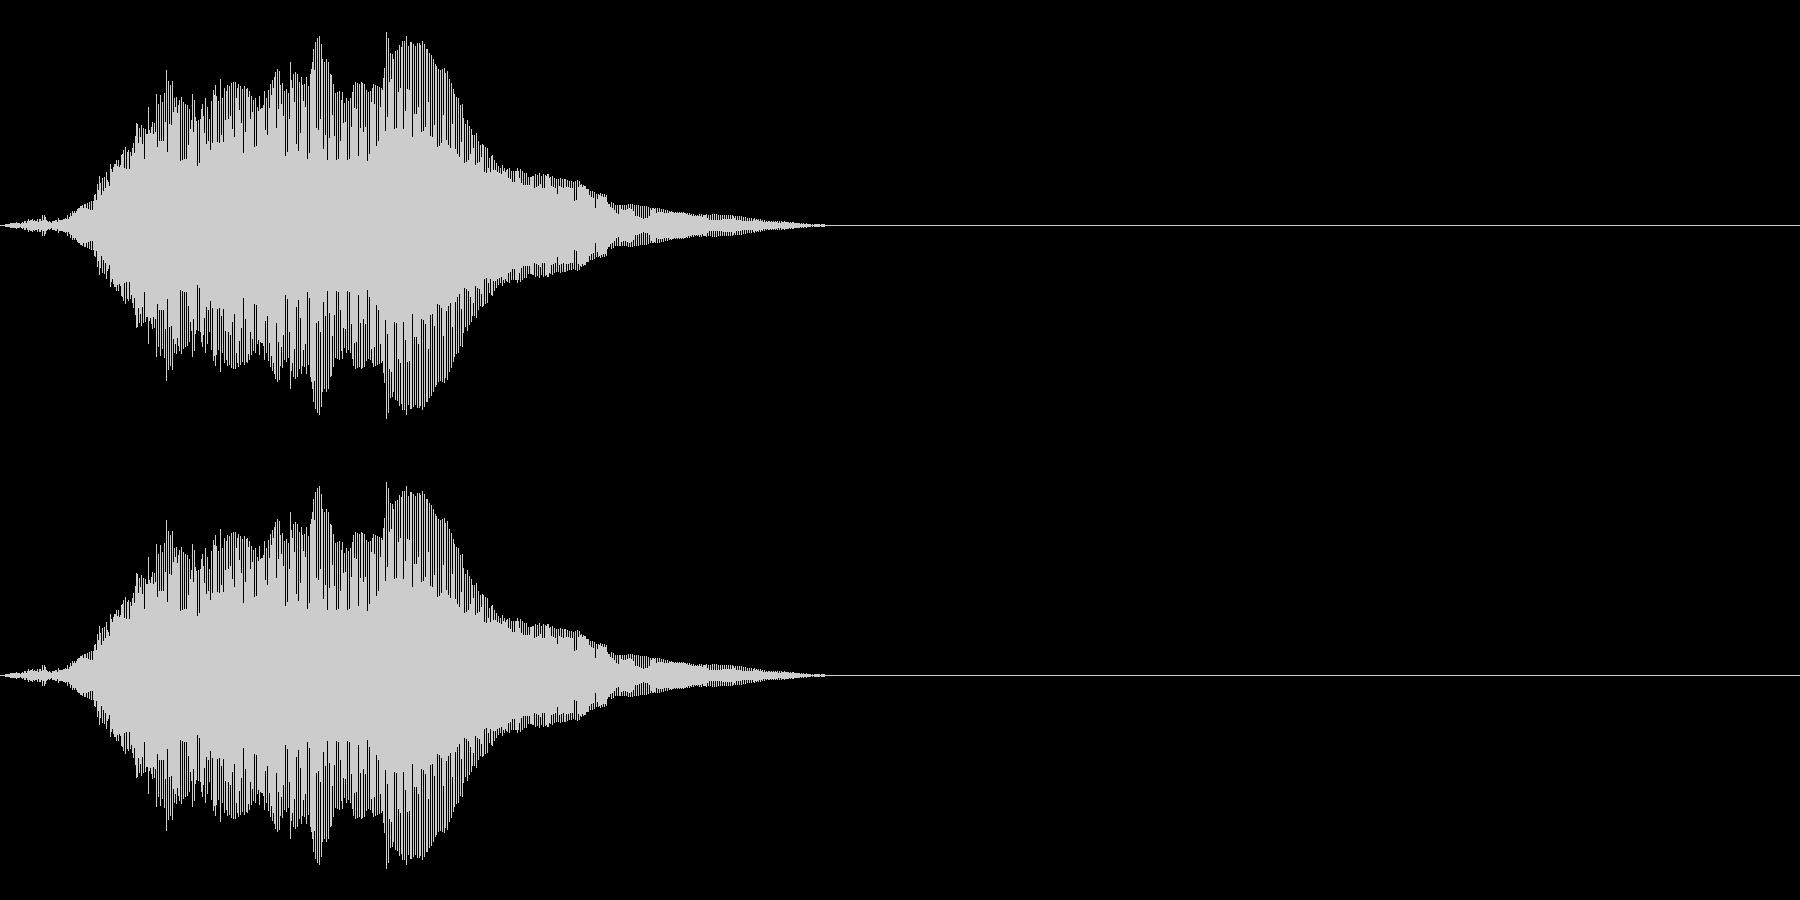 にゃーん(猫の鳴き声)パート01の未再生の波形